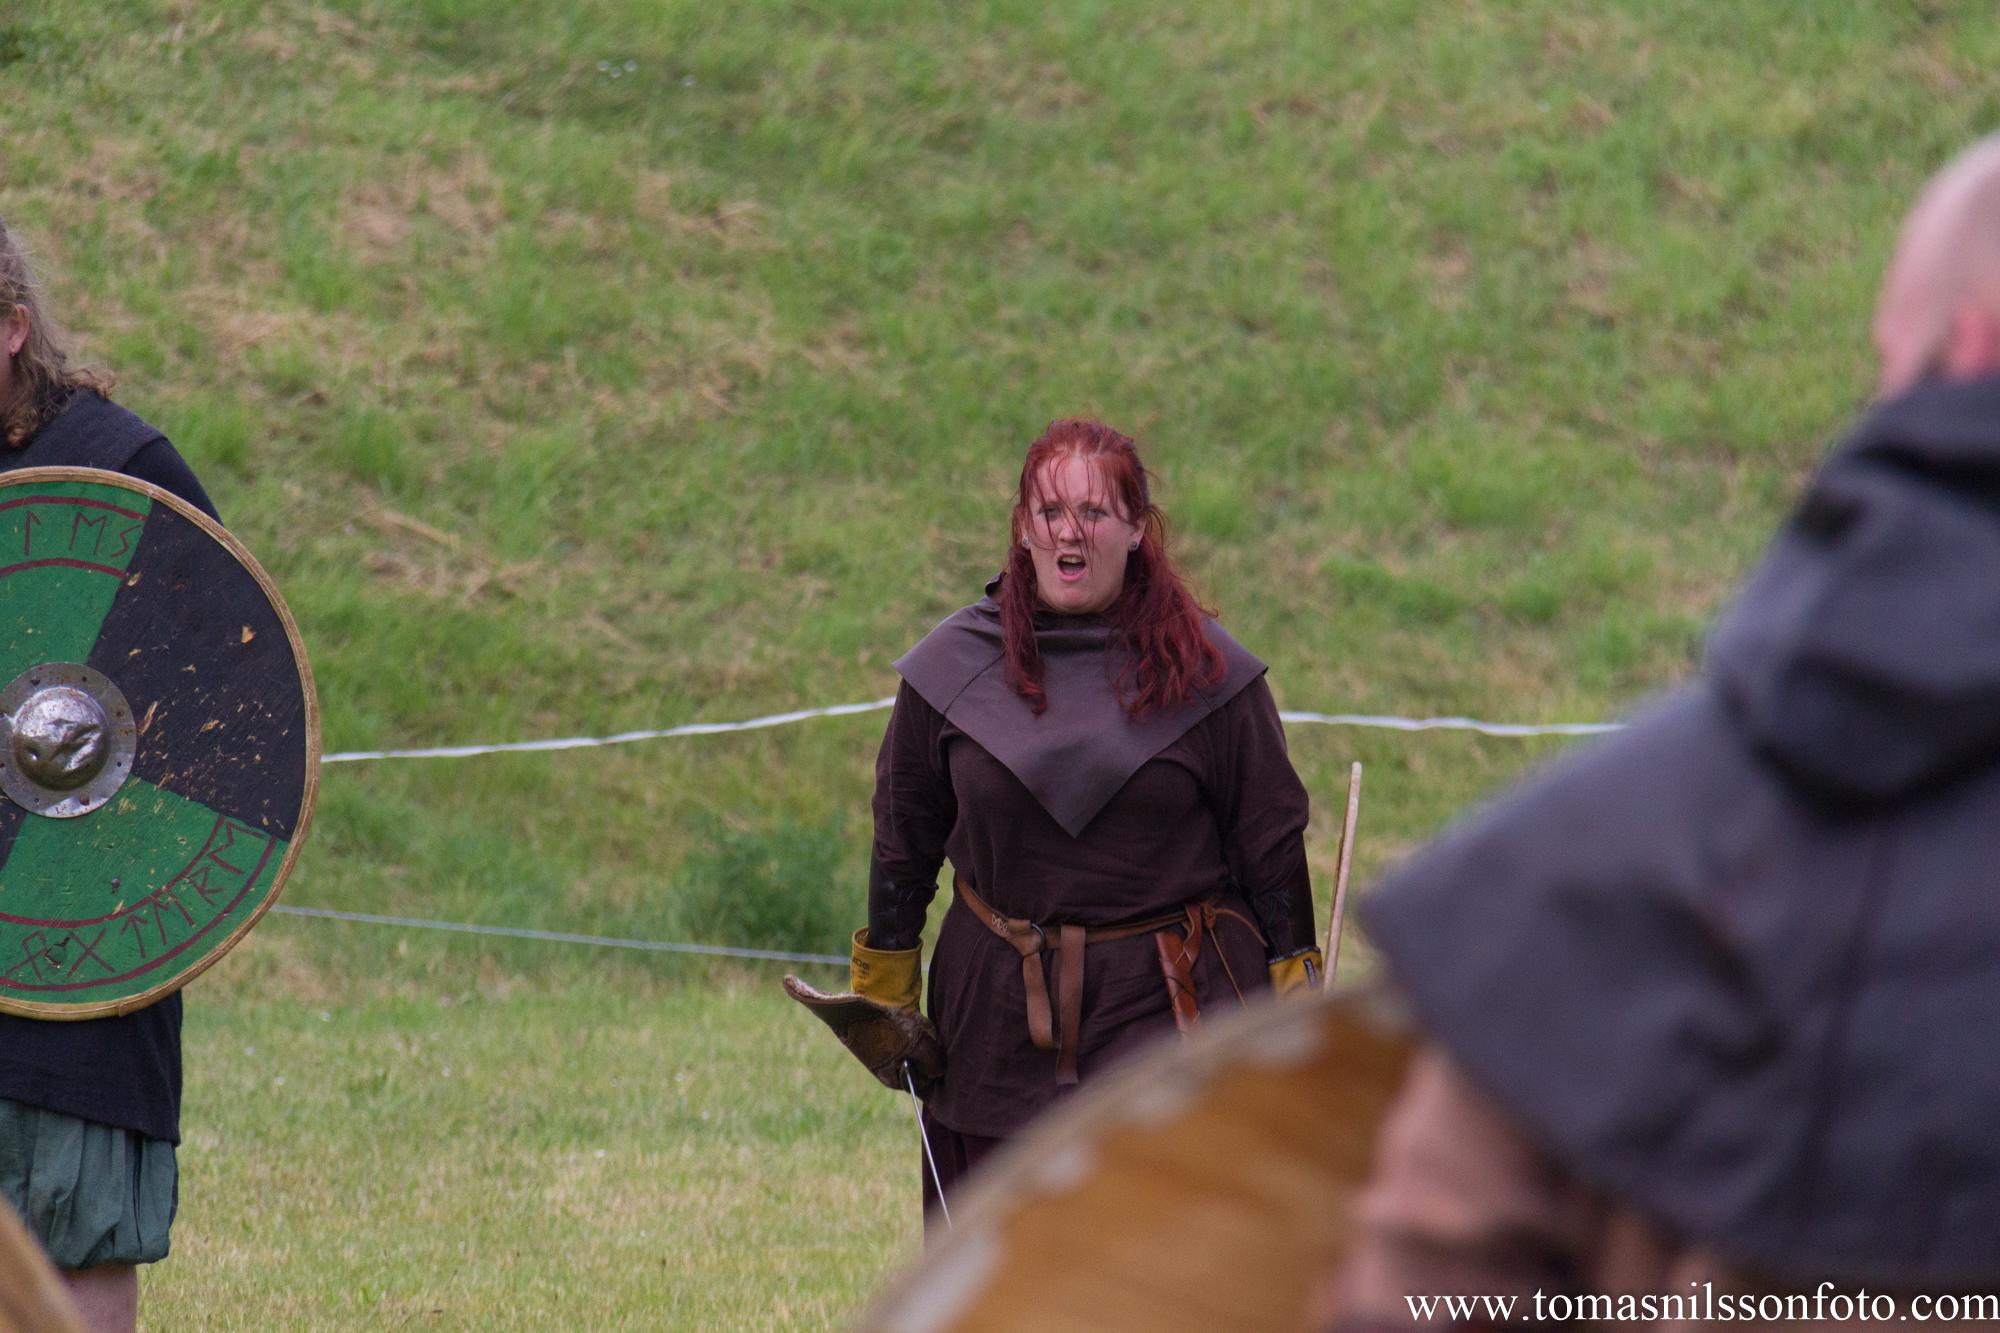 The Vikings weren't just big burly men…